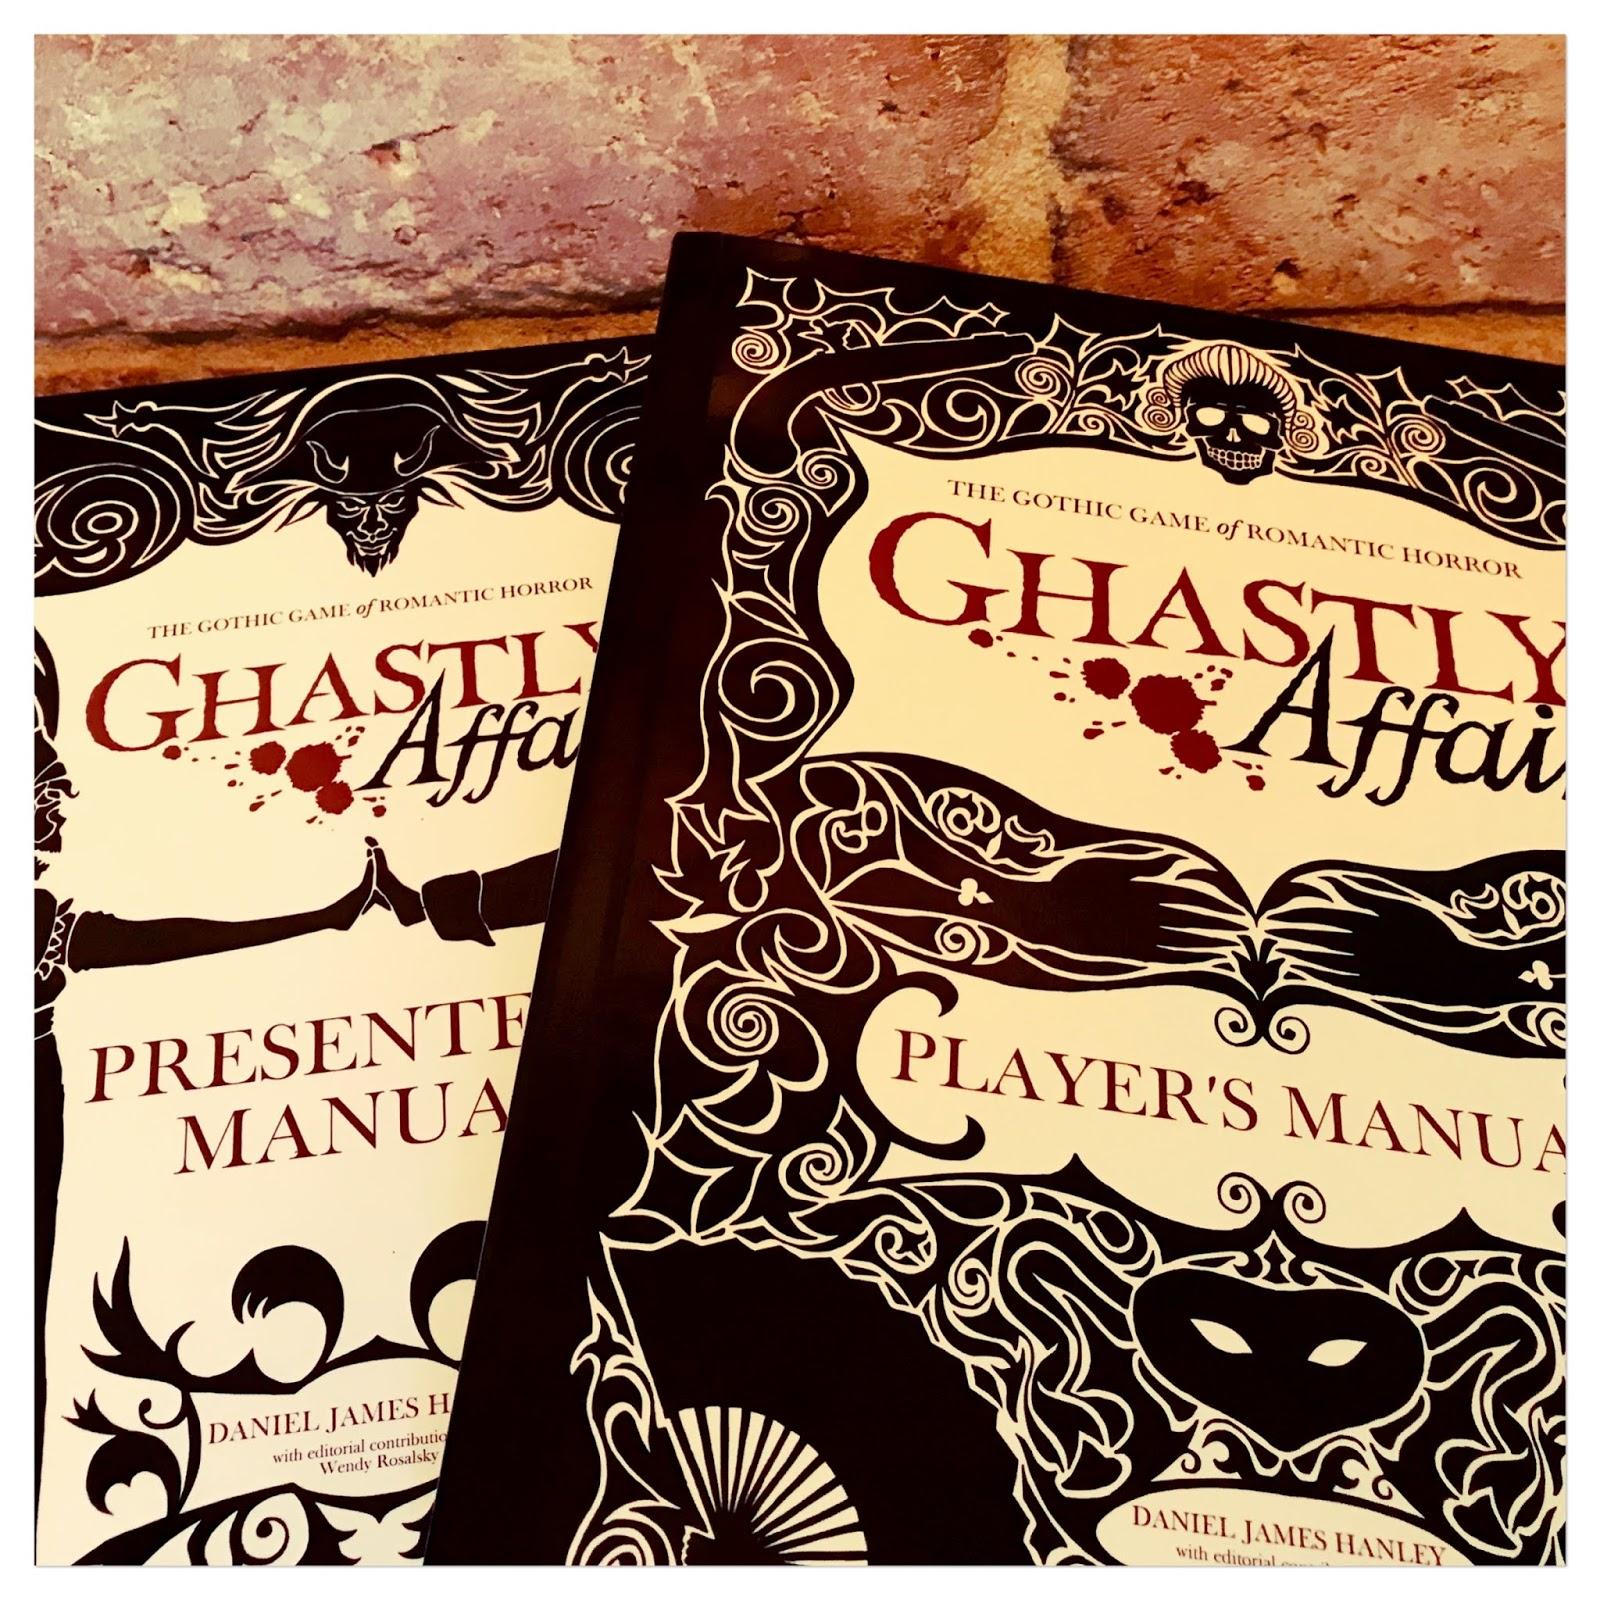 [GHASTLY AFFAIR] Ghastly Affair, czyli 1001 sposobów na oszałamiający romans grozy